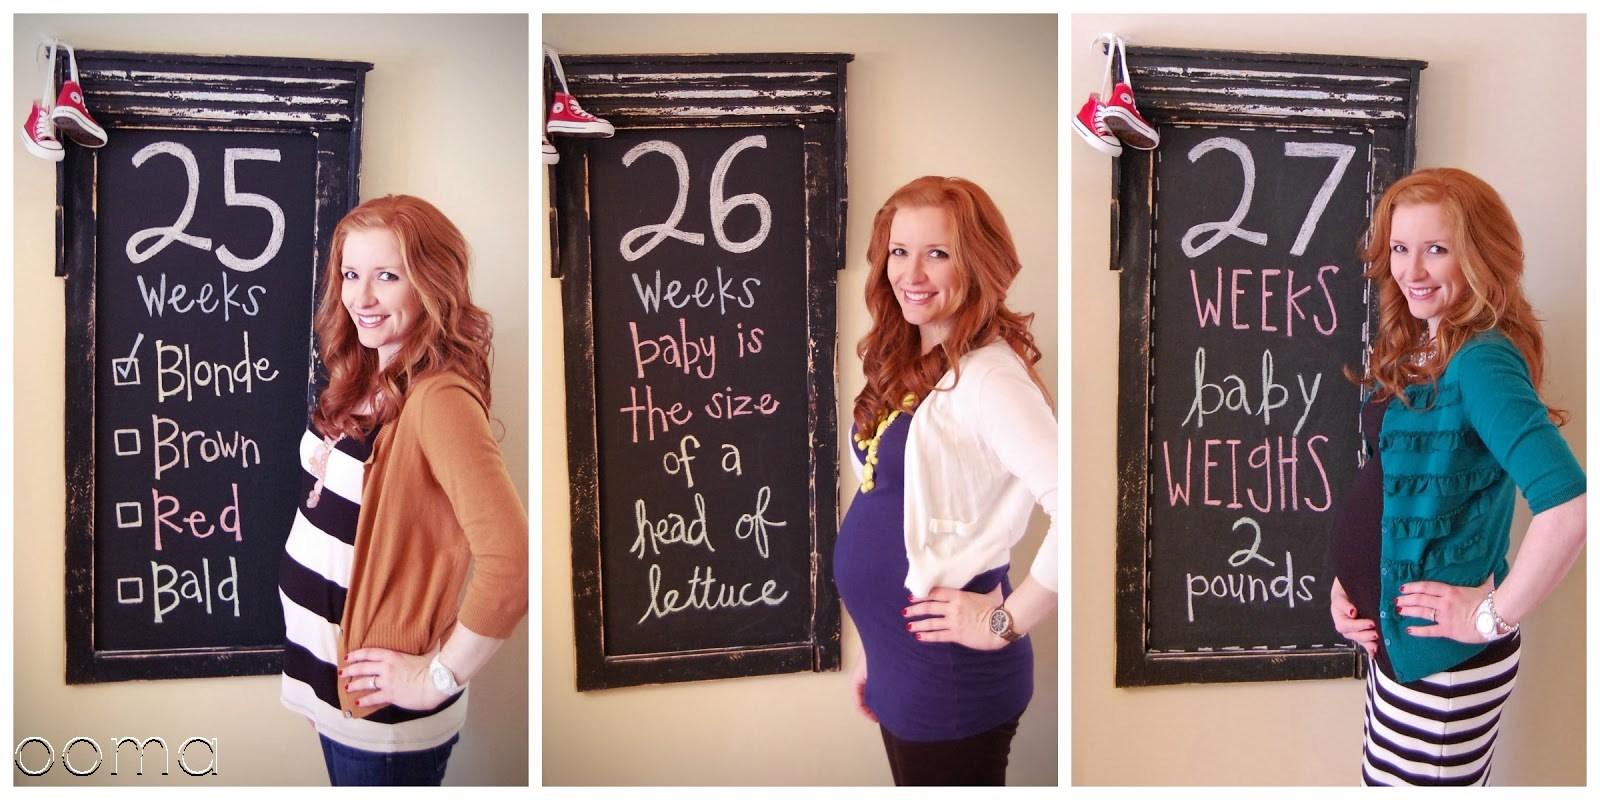 دیدن خواب های شفاف و دقیق در هفته 26 بارداری